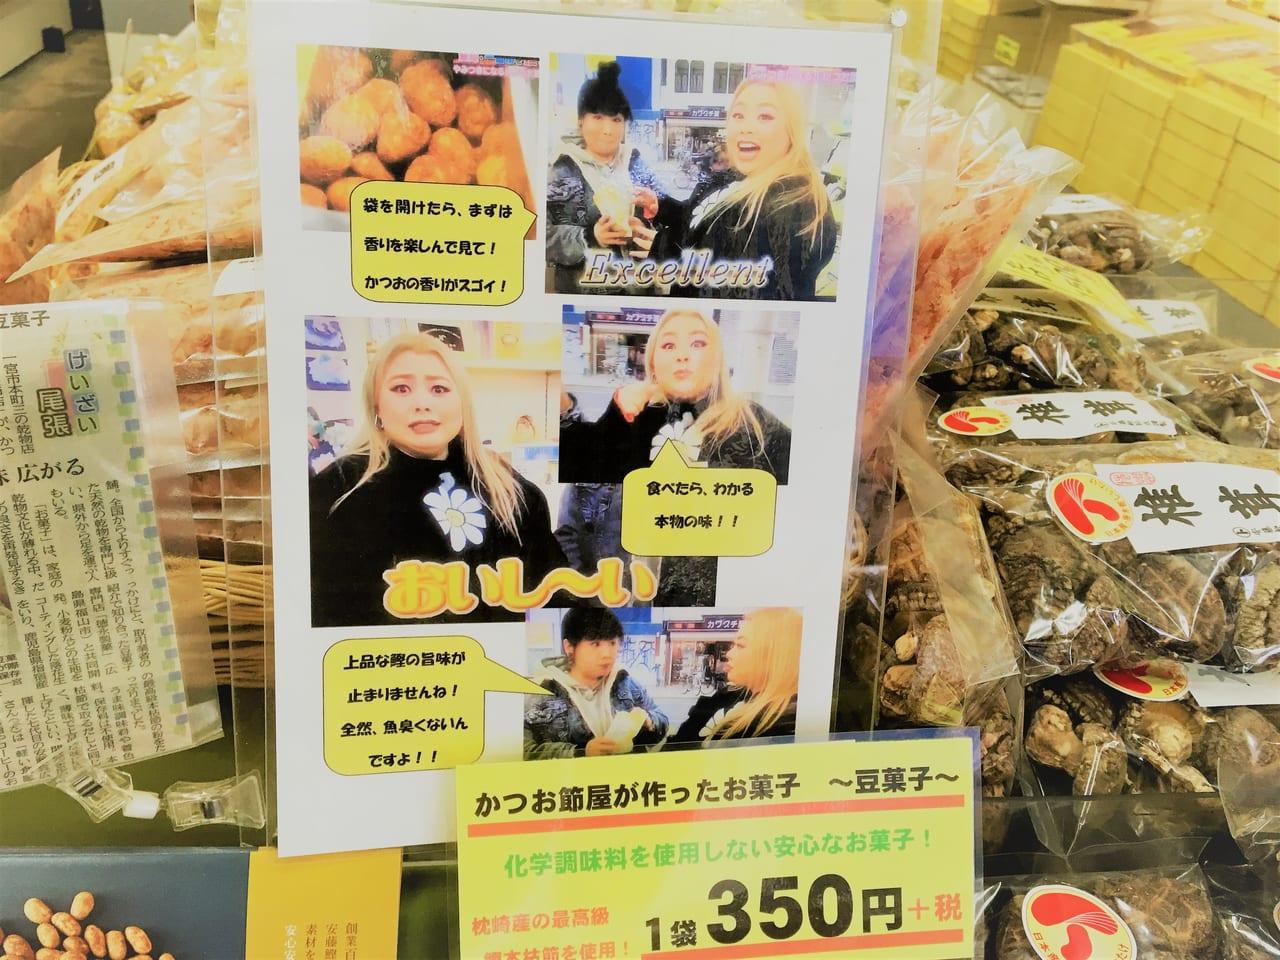 安藤鰹節店の豆のお菓子を食べた渡辺直美さんの反応